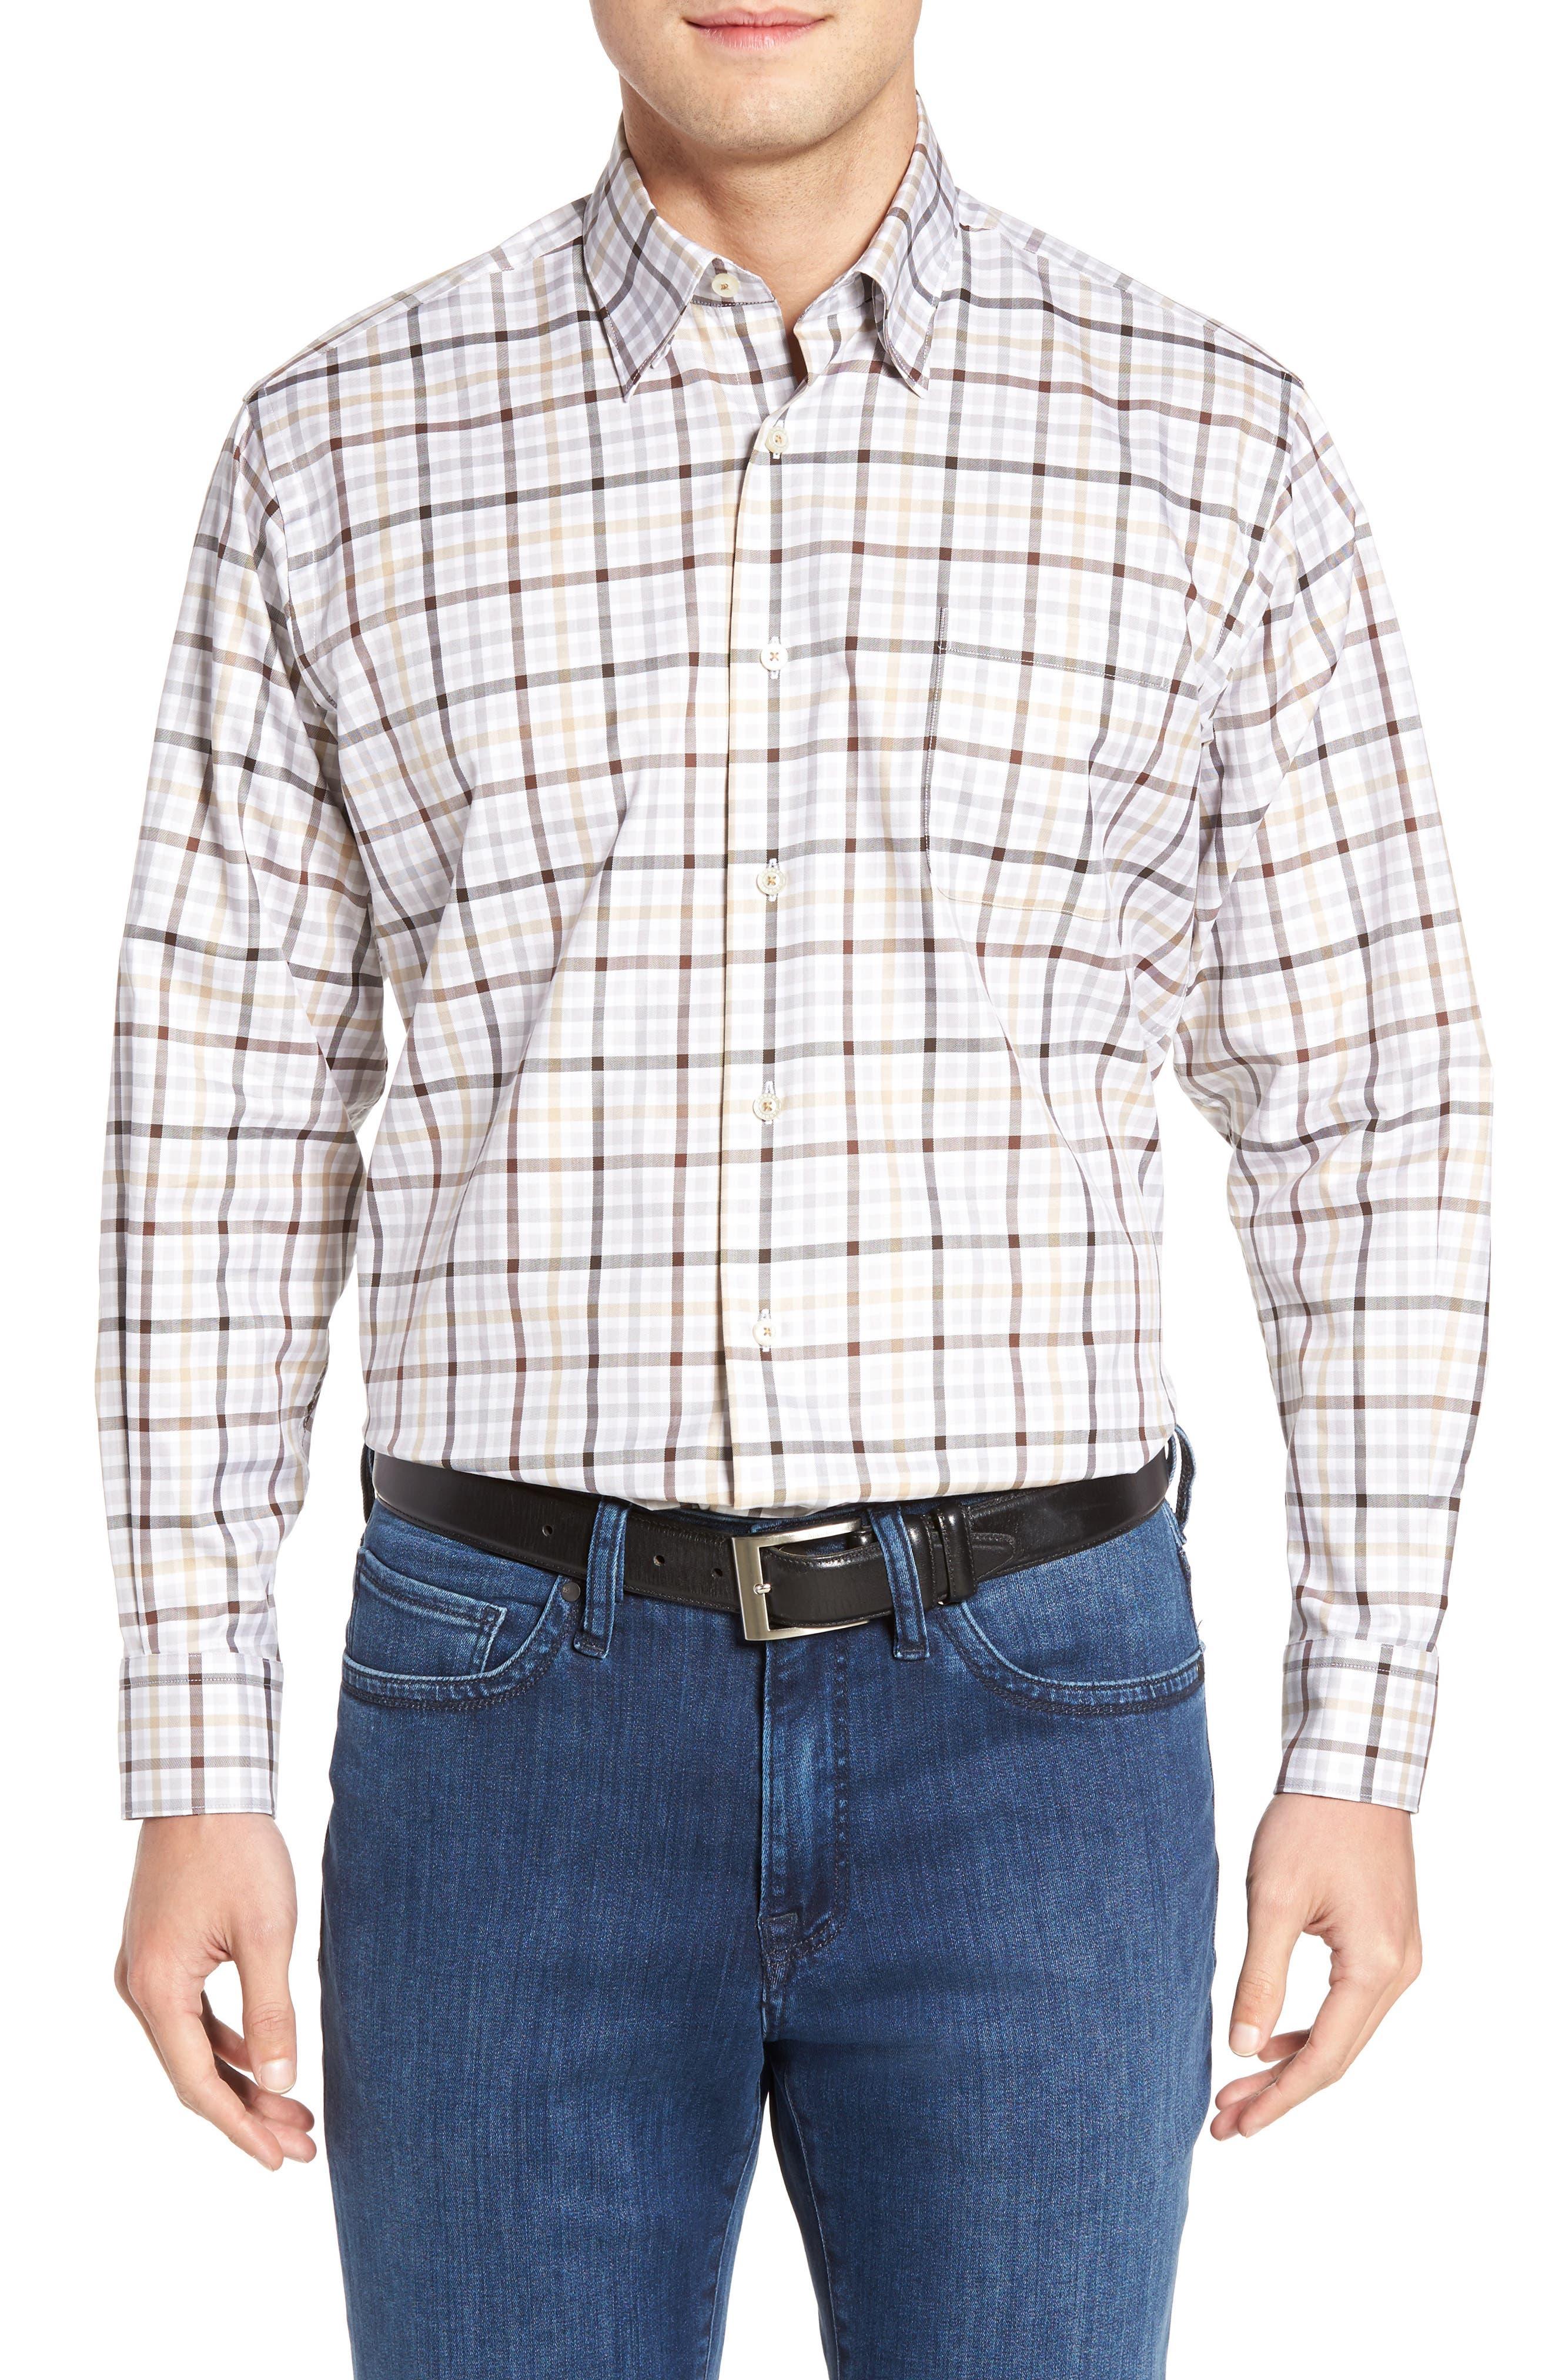 Main Image - Robert Talbott Anderson Classic Fit Plaid Micro Twill Sport Shirt